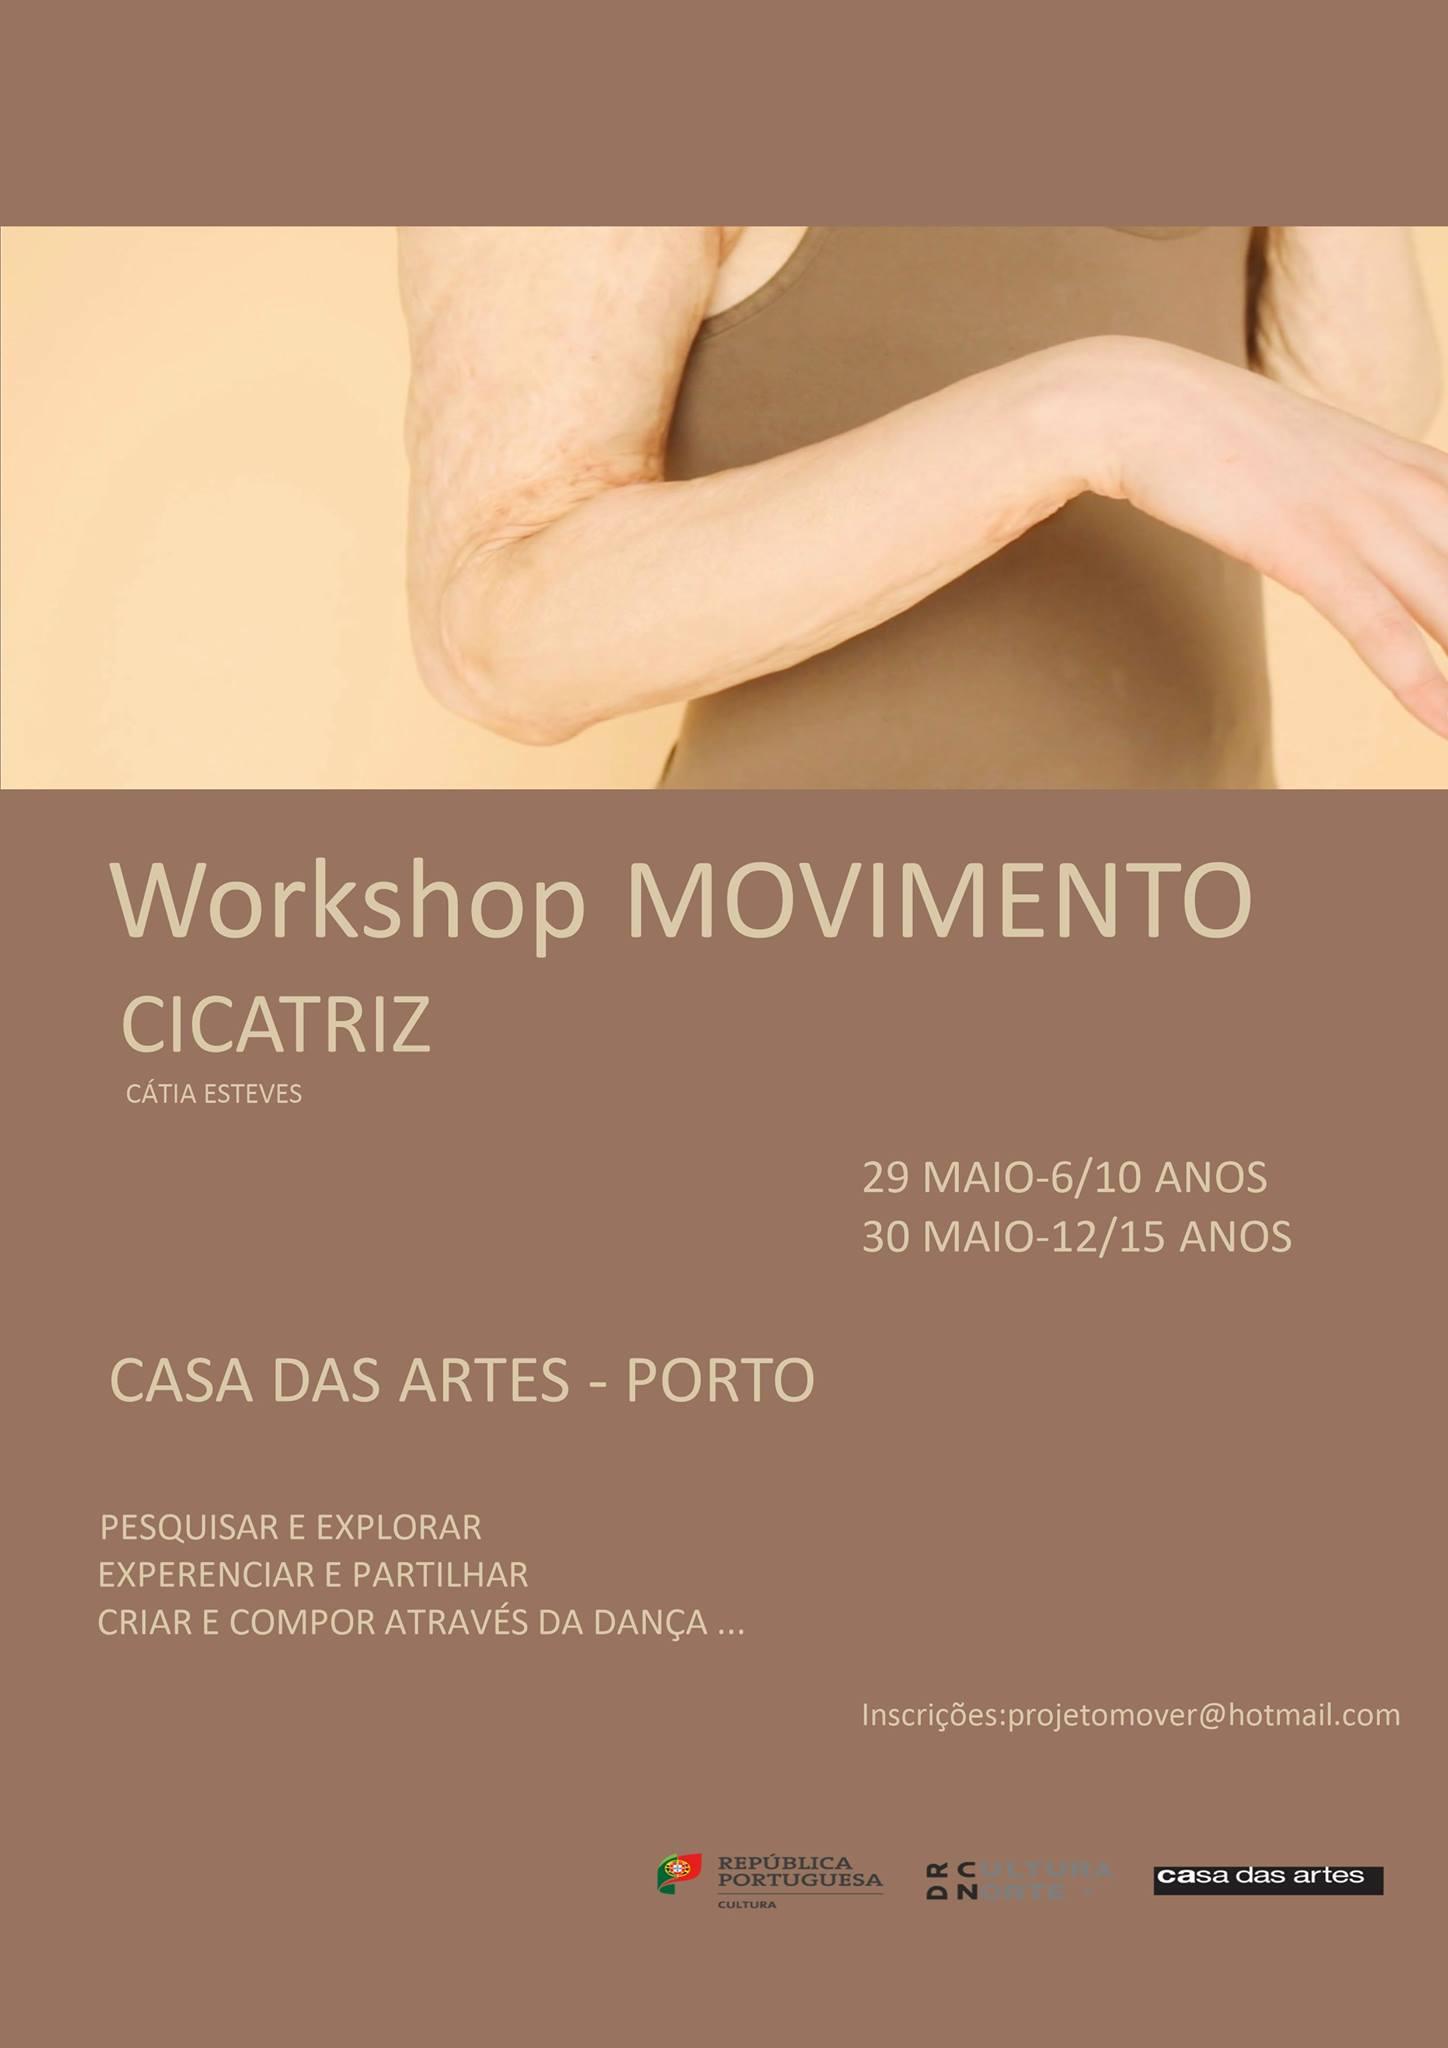 Laboratório de dança | Movimento Cicatriz